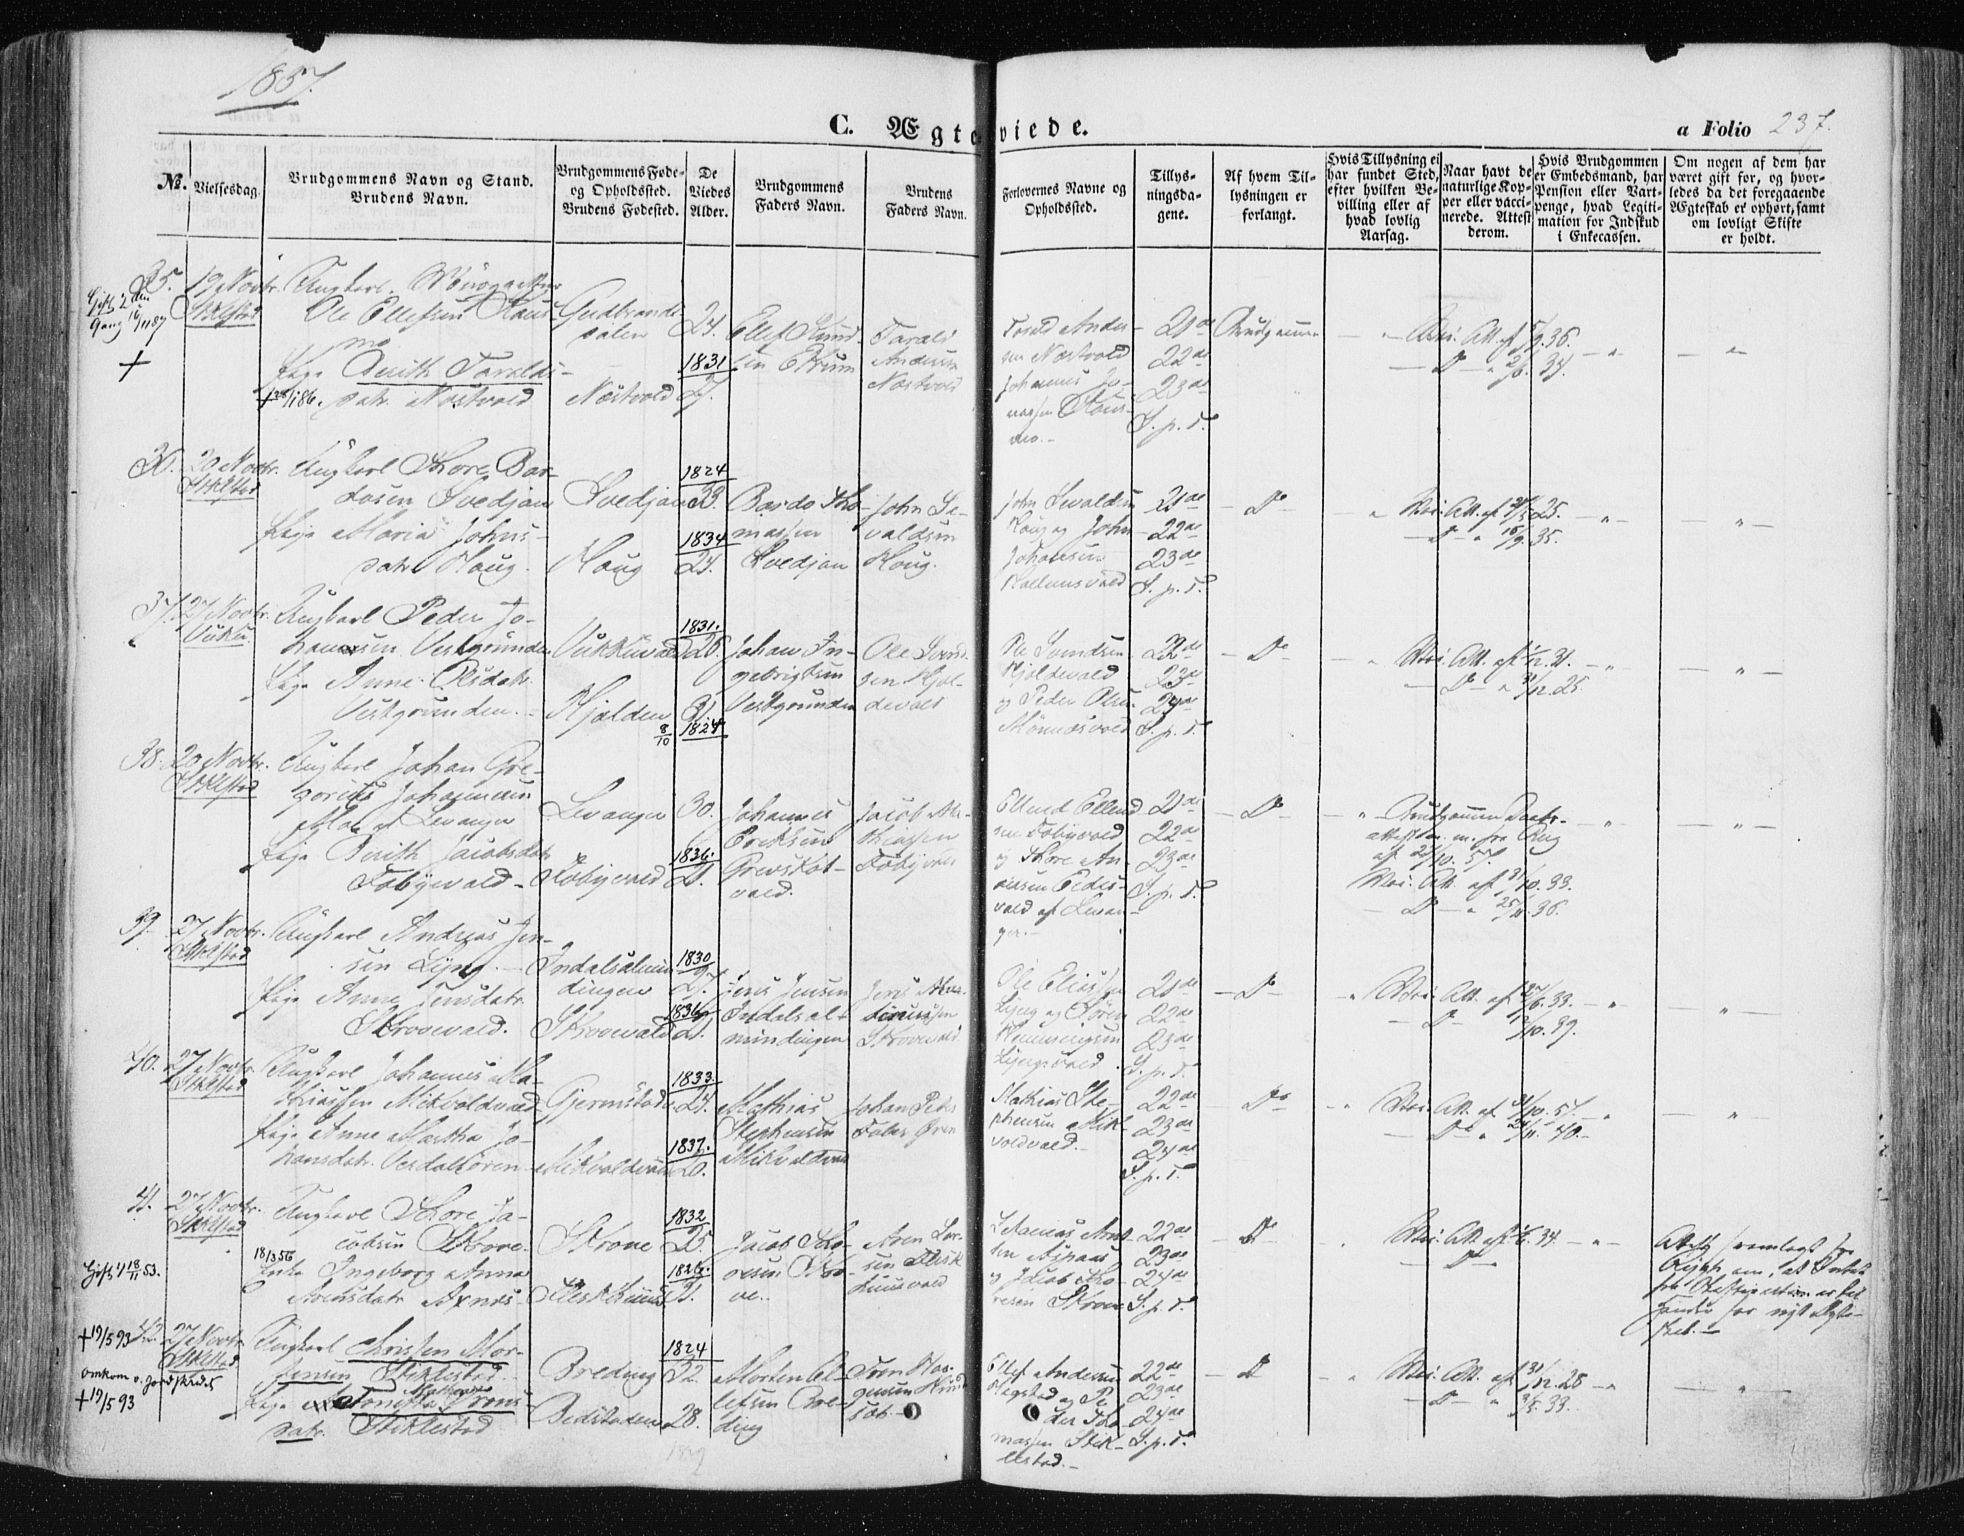 SAT, Ministerialprotokoller, klokkerbøker og fødselsregistre - Nord-Trøndelag, 723/L0240: Ministerialbok nr. 723A09, 1852-1860, s. 237